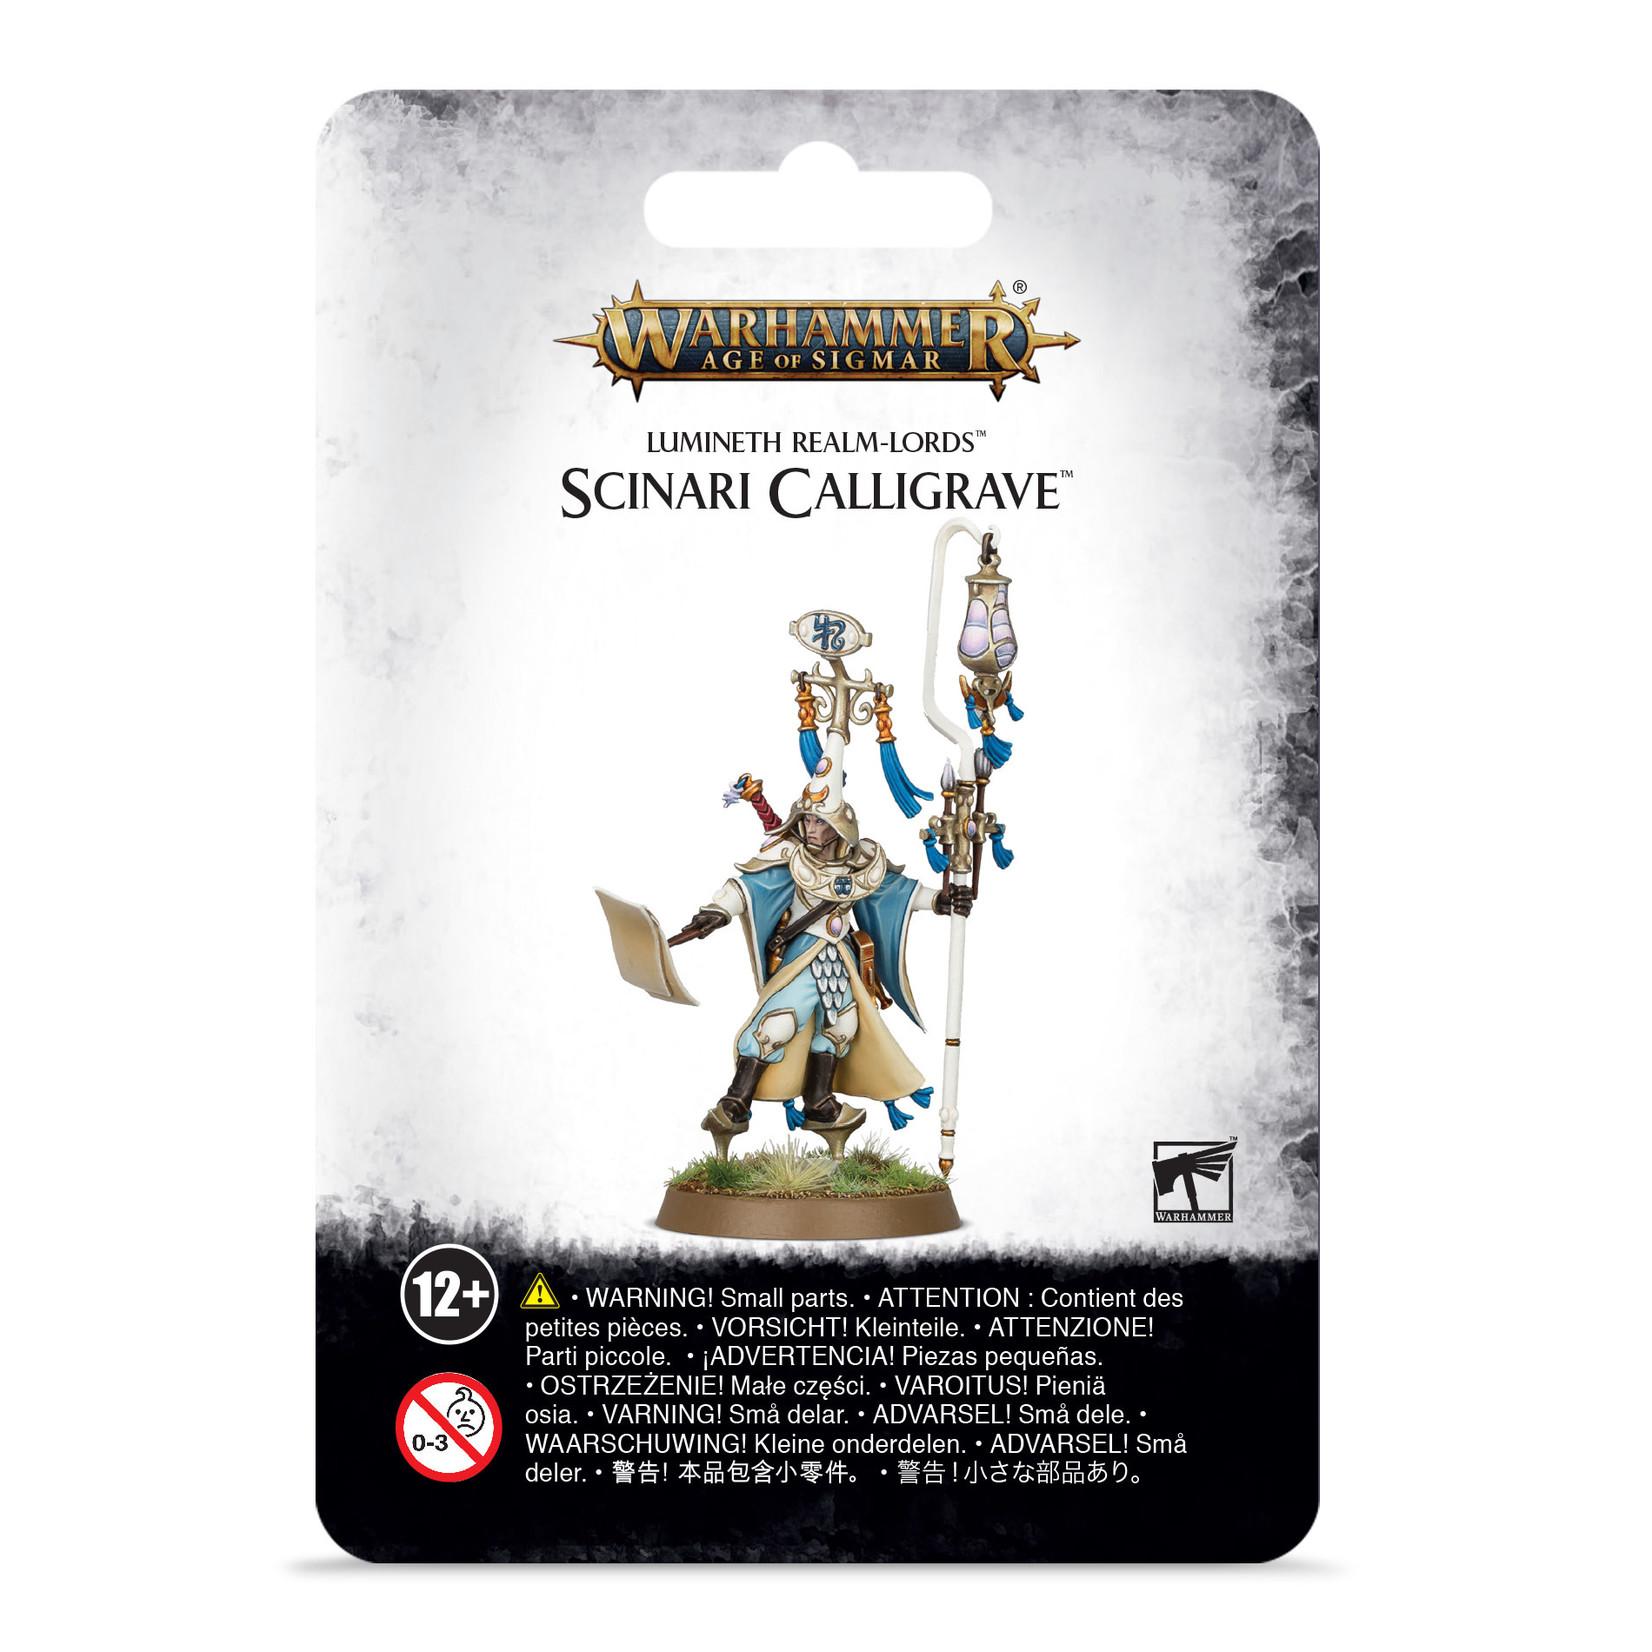 Lumineth Realm Scinari Calligrave (AOS)